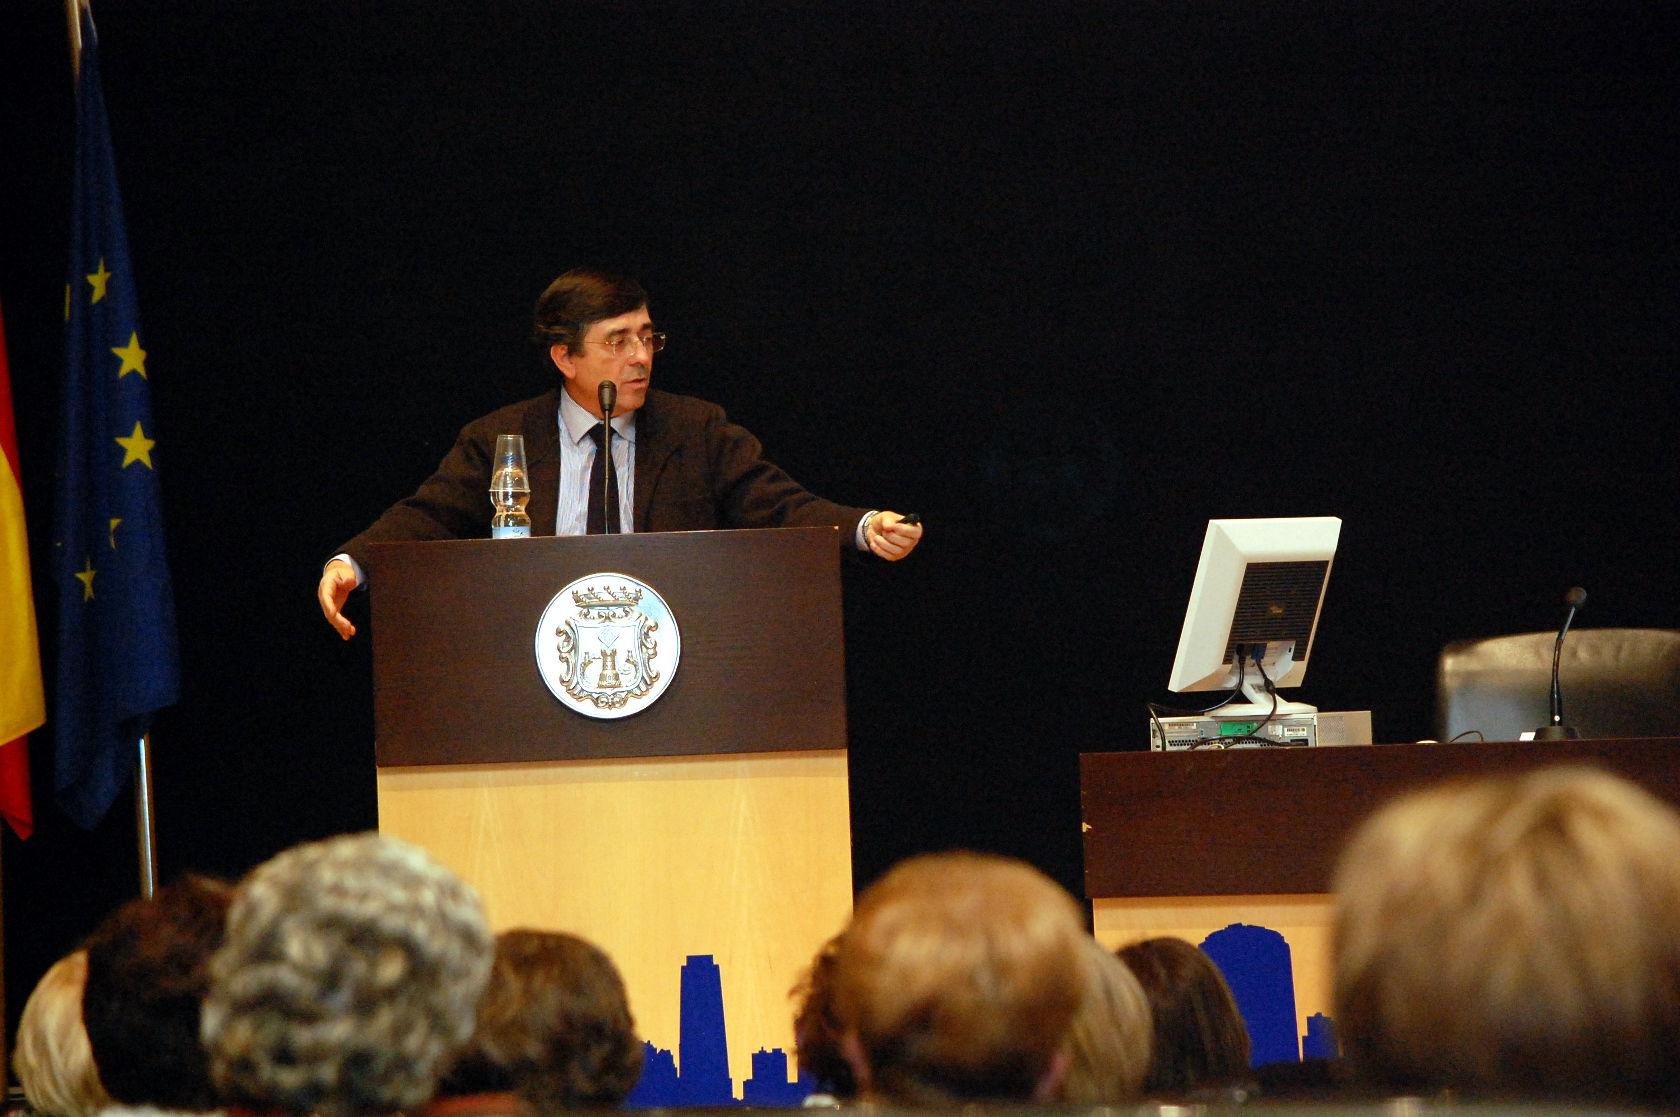 Conferencia sobre reumatología en el salón de actos del Ayuntamiento de Benidorm